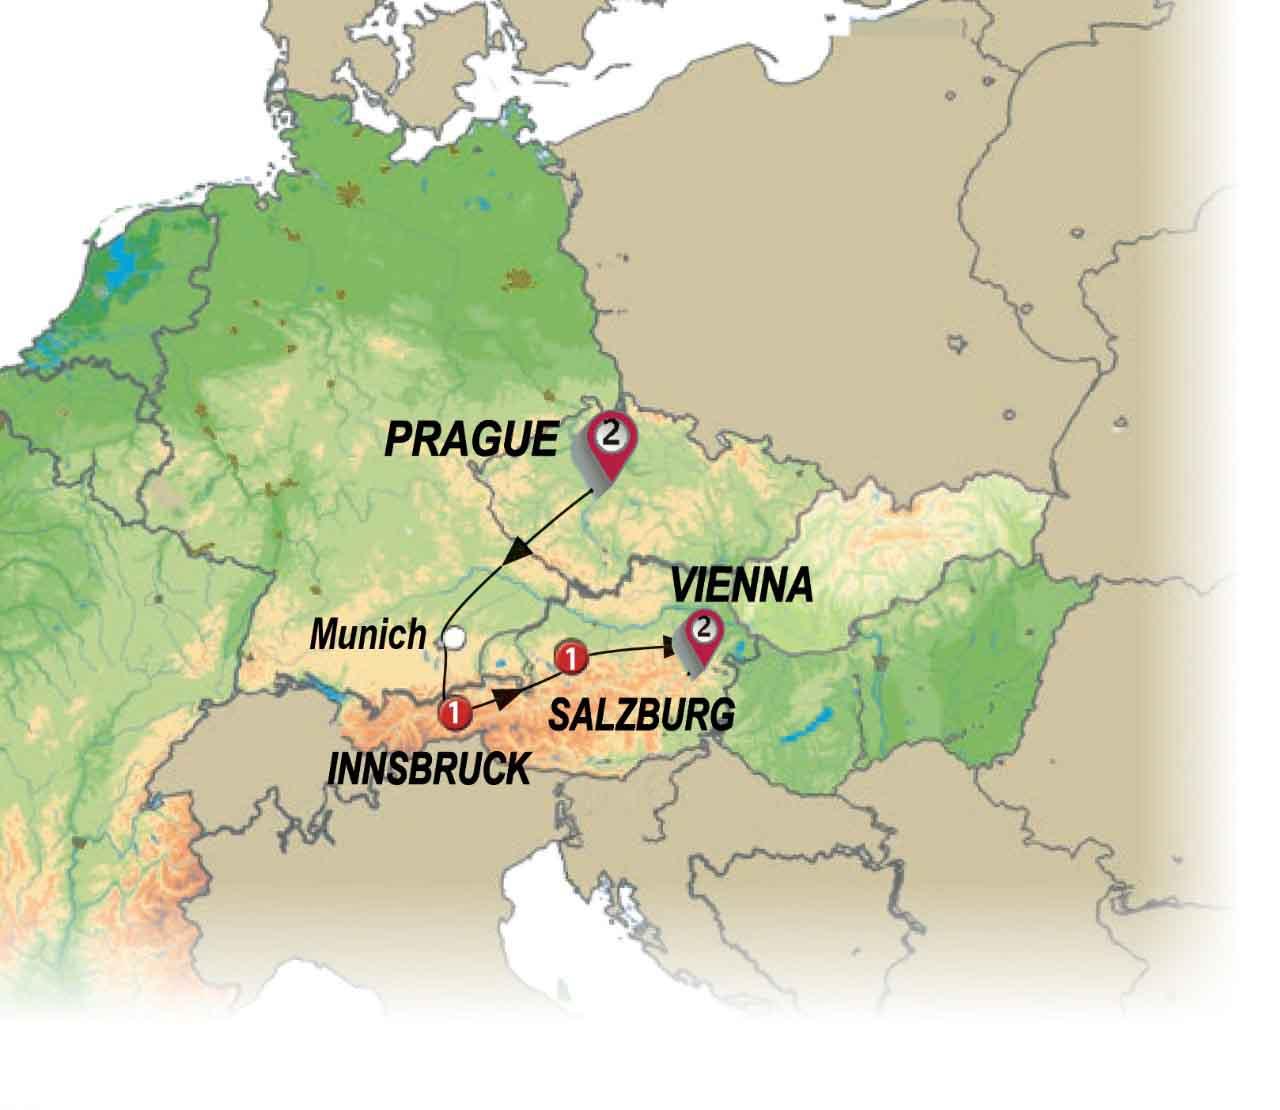 من براغ إلى فيينا